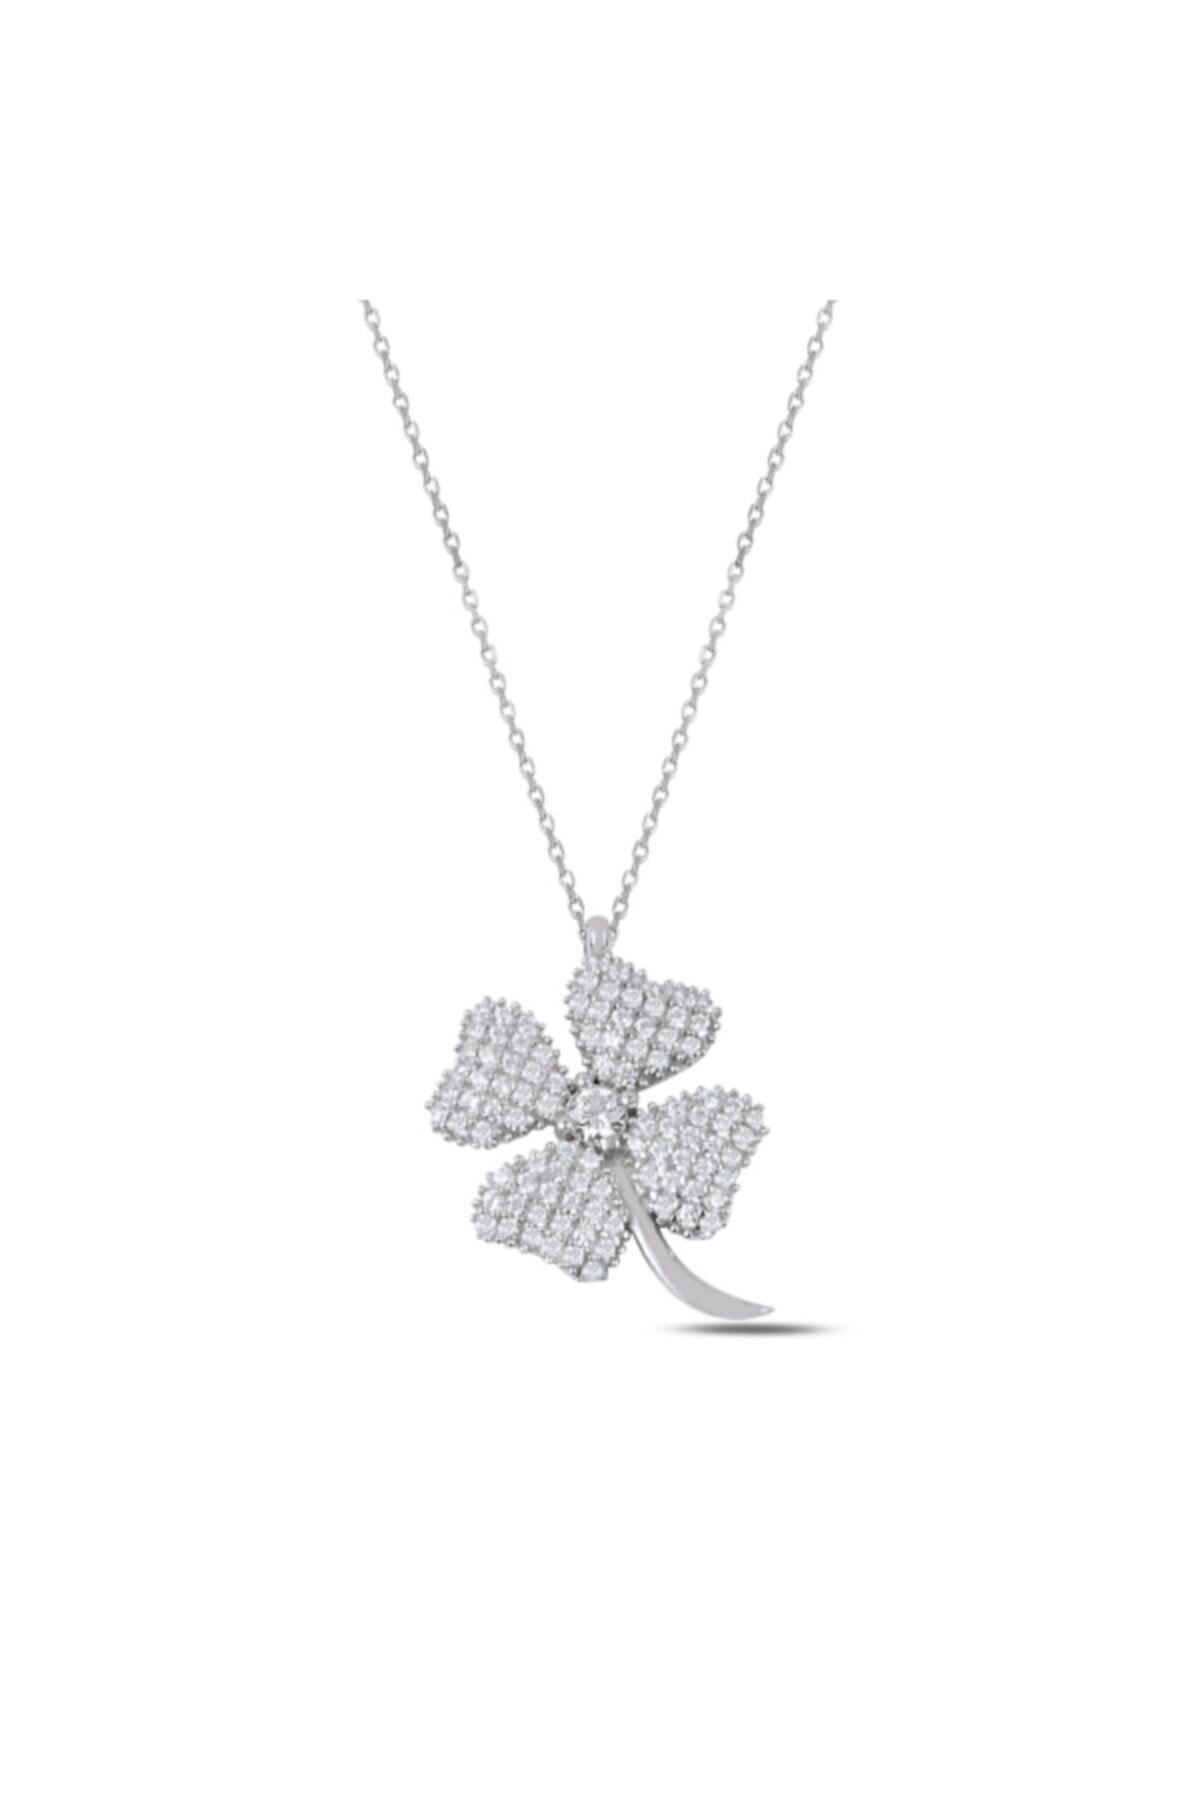 esjewelry Kadın Yonca Model 925 Ayar Gümüş Kolye 1